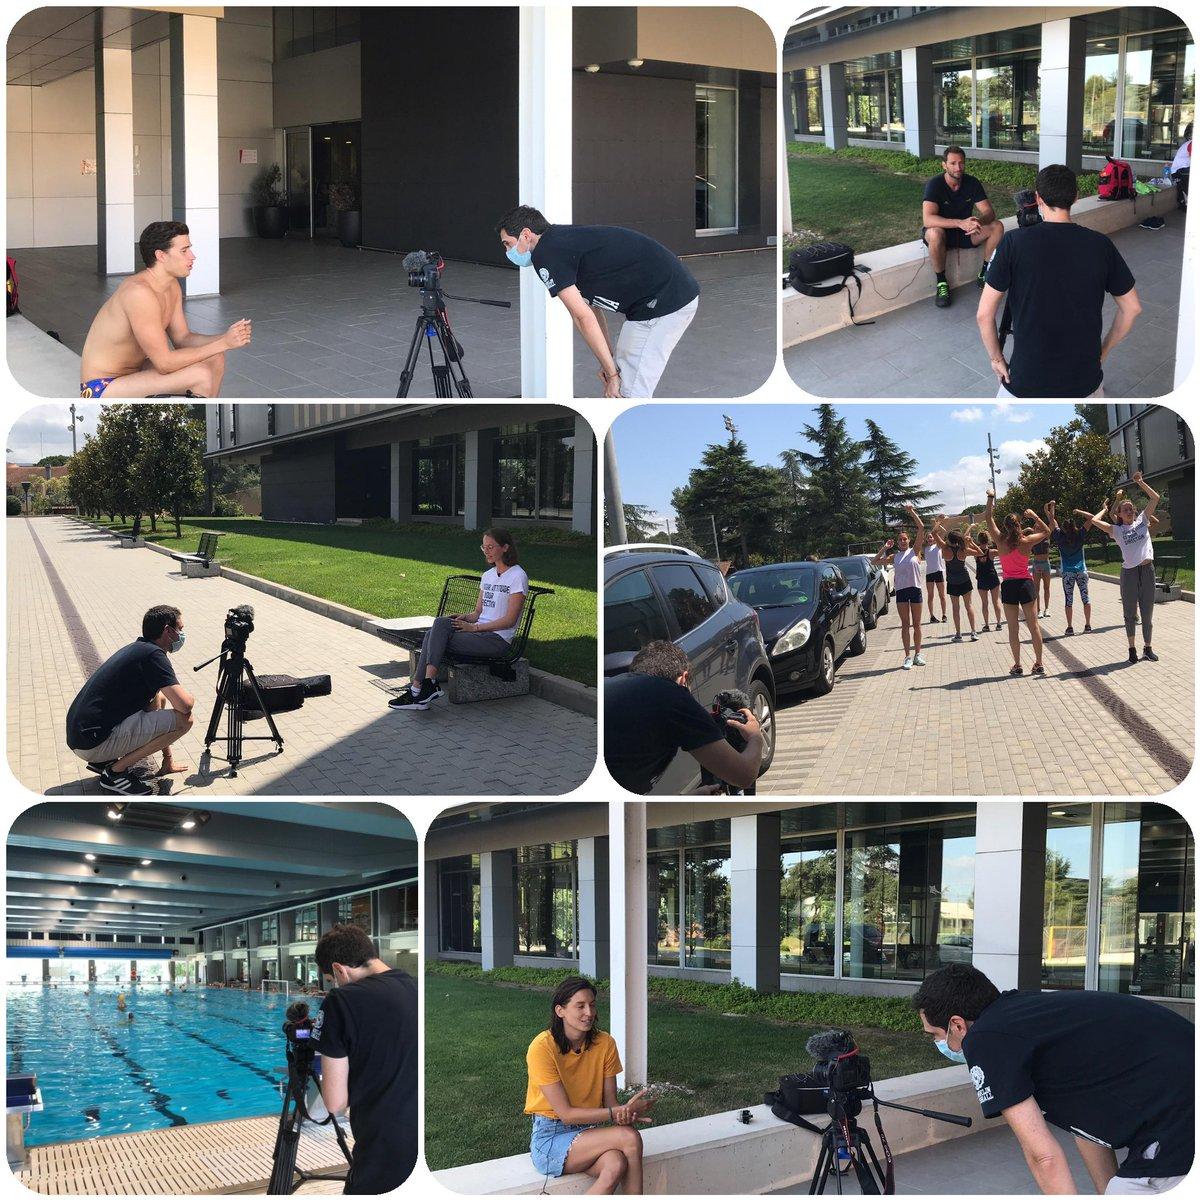 Preparant el proper #zonaUFEC #natació #waterpolo #natacióartística 👏🏼🔝👏🏼🔝👏🏼  @UFECcat https://t.co/SvH4Z2NpL7